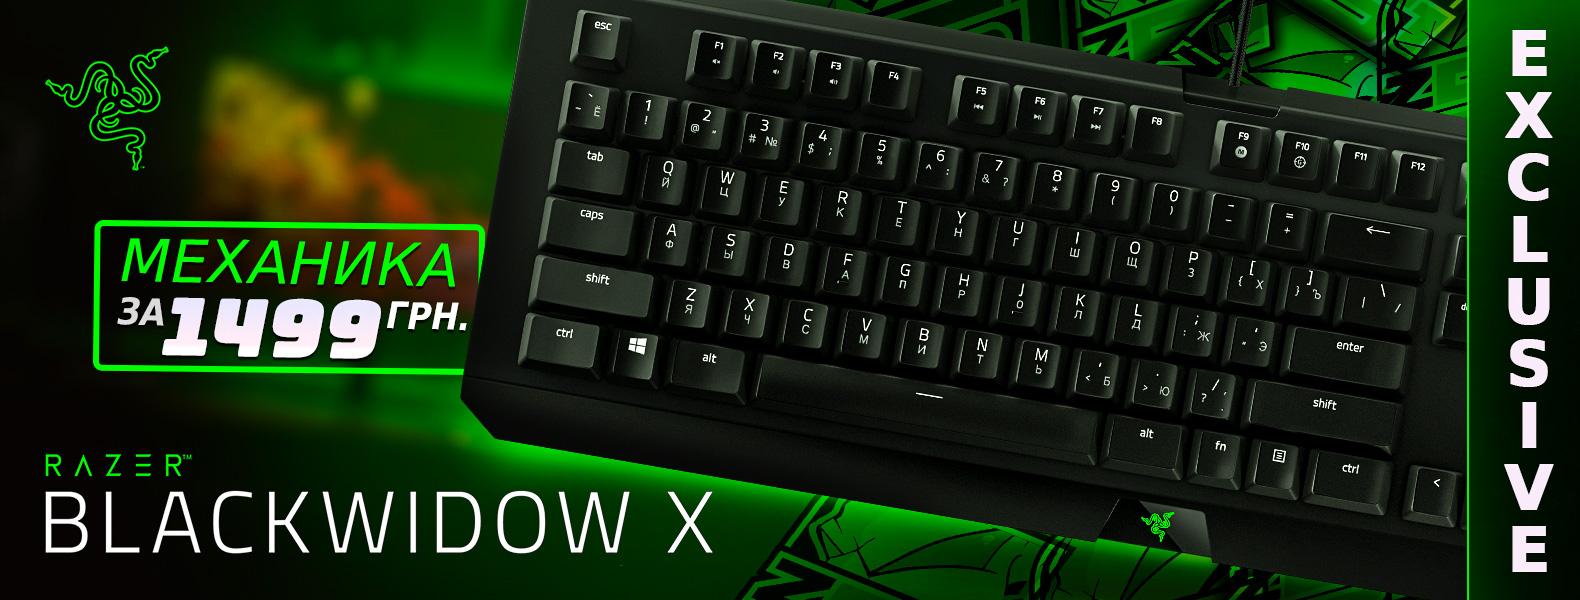 Акционная цена 1499 грн. при оформлении предзаказа на Razer BlackWidow X